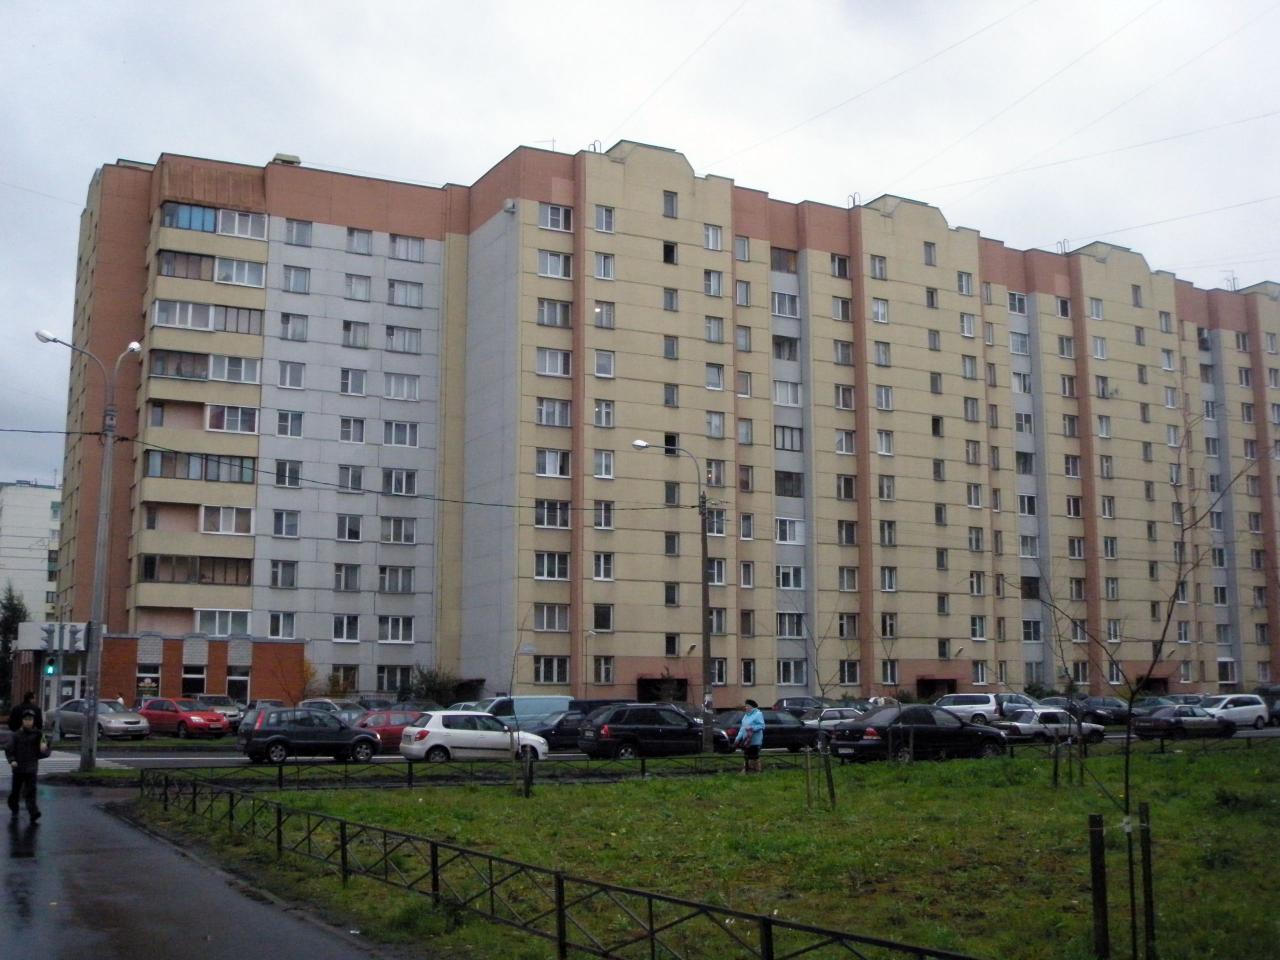 Типовые окна и балконные блоки с типовыми размерами в стандартной 600 серии дома (корабль) в Санкт-Петербурге